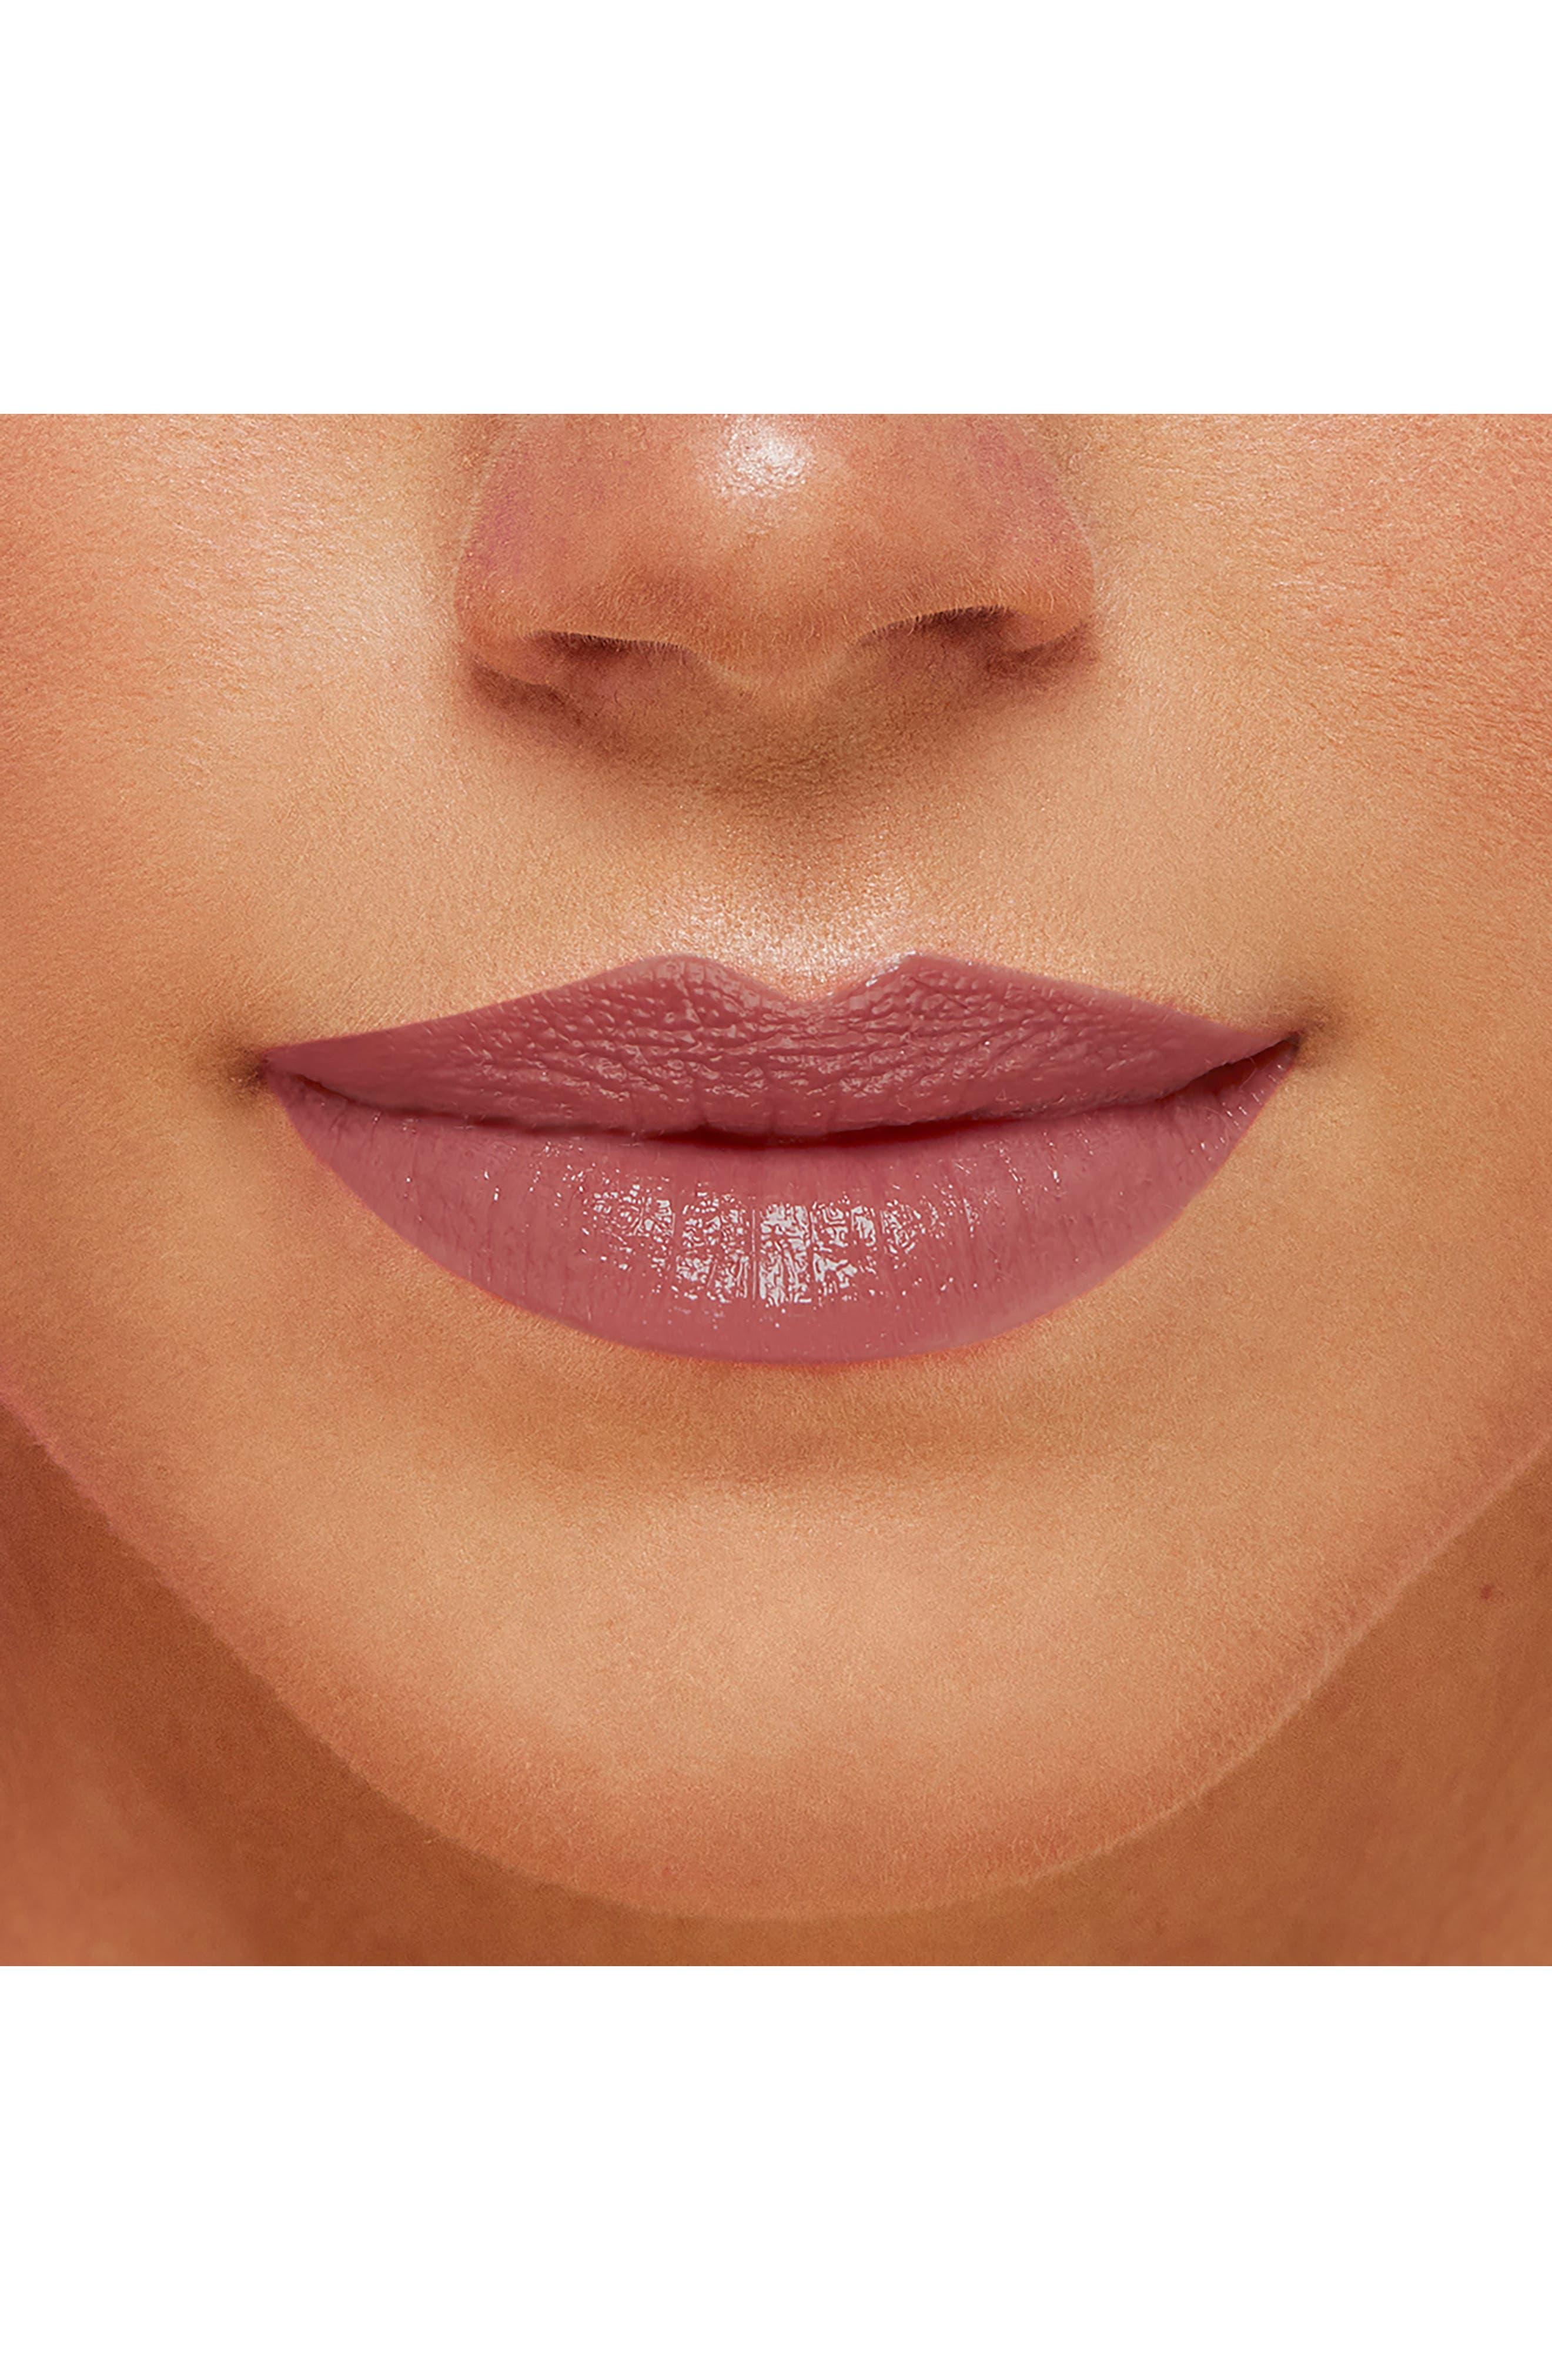 KARL LAGERFELD + MODELCO Kiss Me Karl Lip Lights Lip Gloss,                             Alternate thumbnail 4, color,                             Karl 7